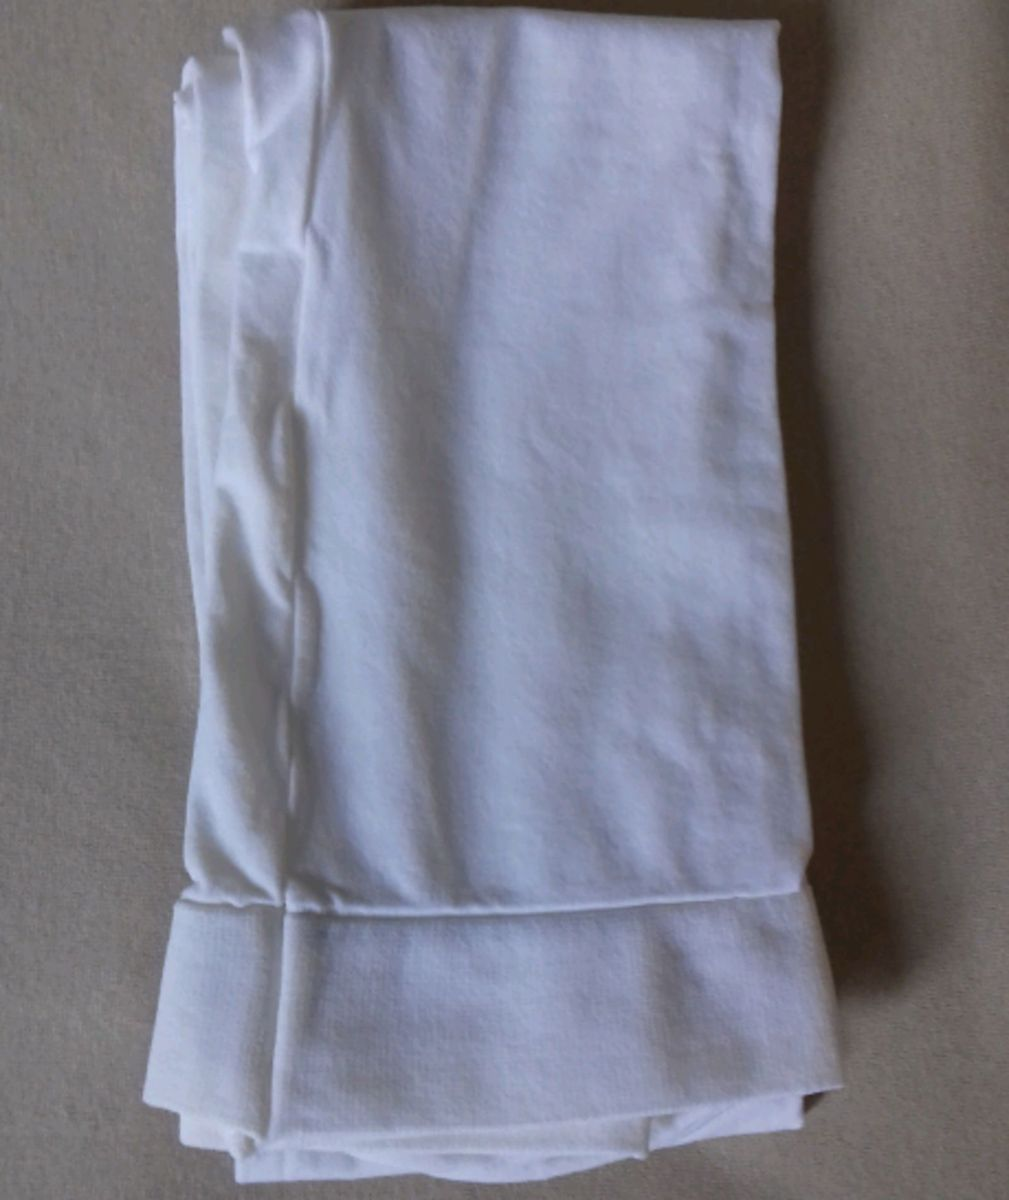 ffc9de64f meia-calça com pé conversível para ballet - meia-calça so-danca